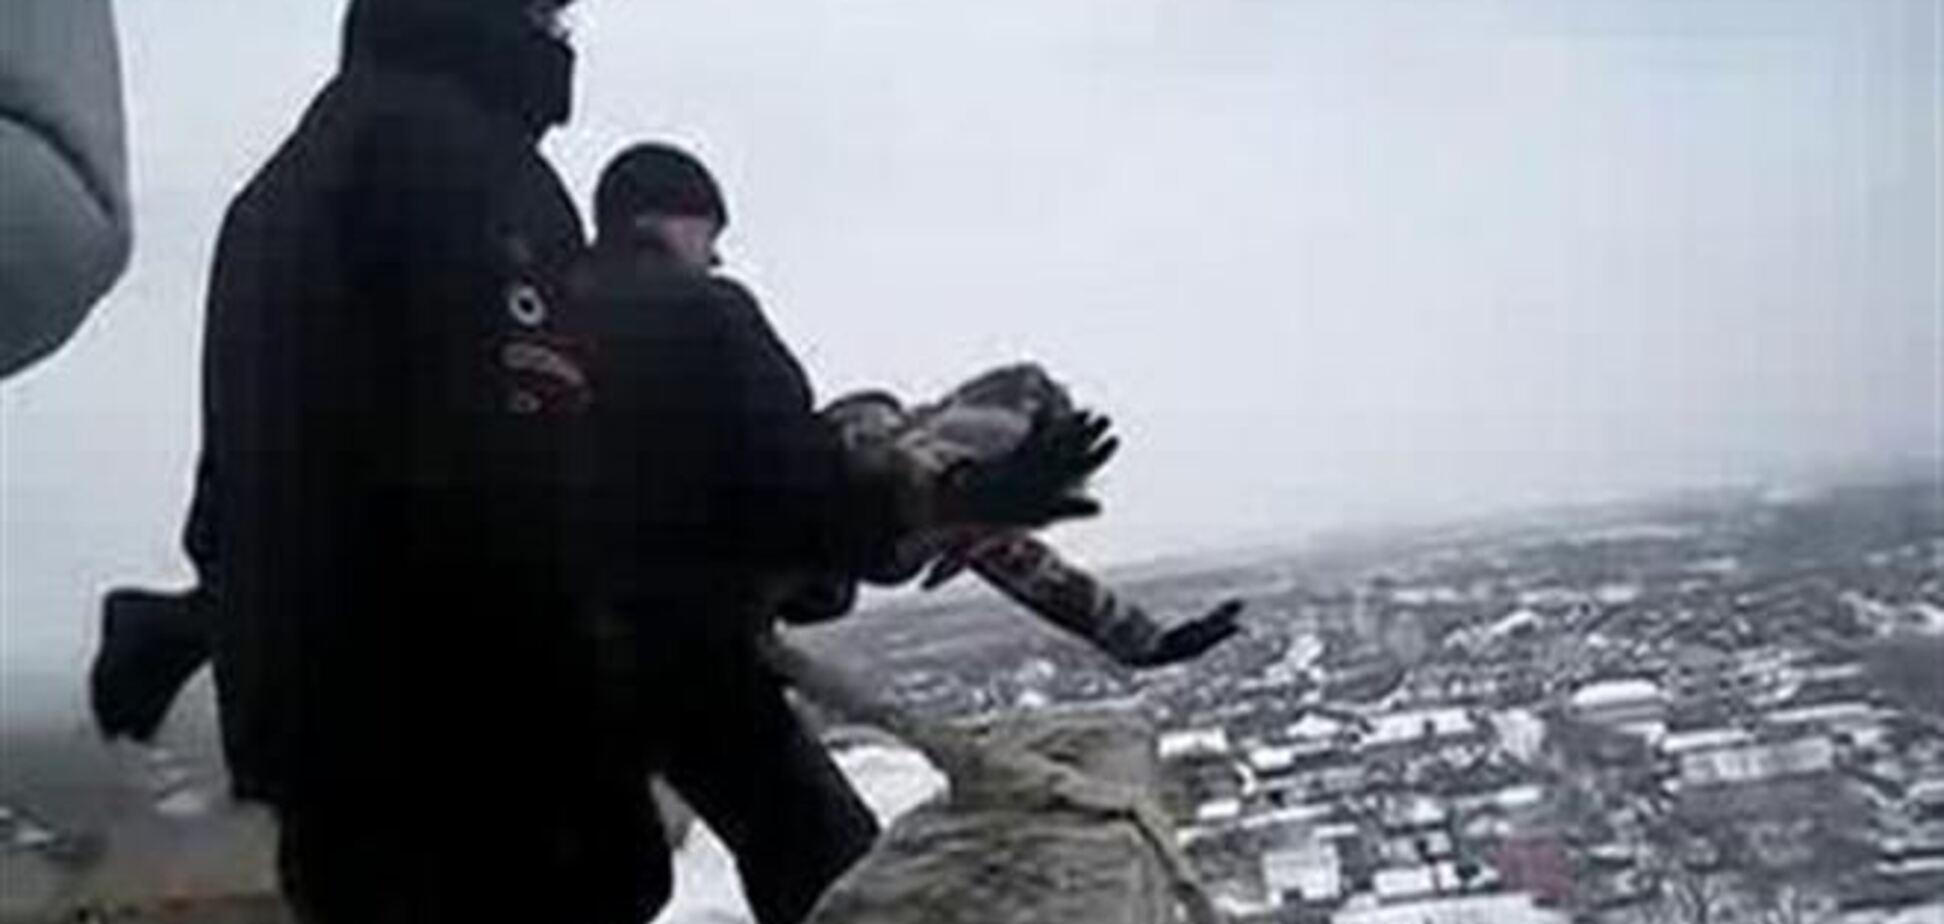 В Одессе вымогатели столкнули с шестого этажа 16-летнего парня